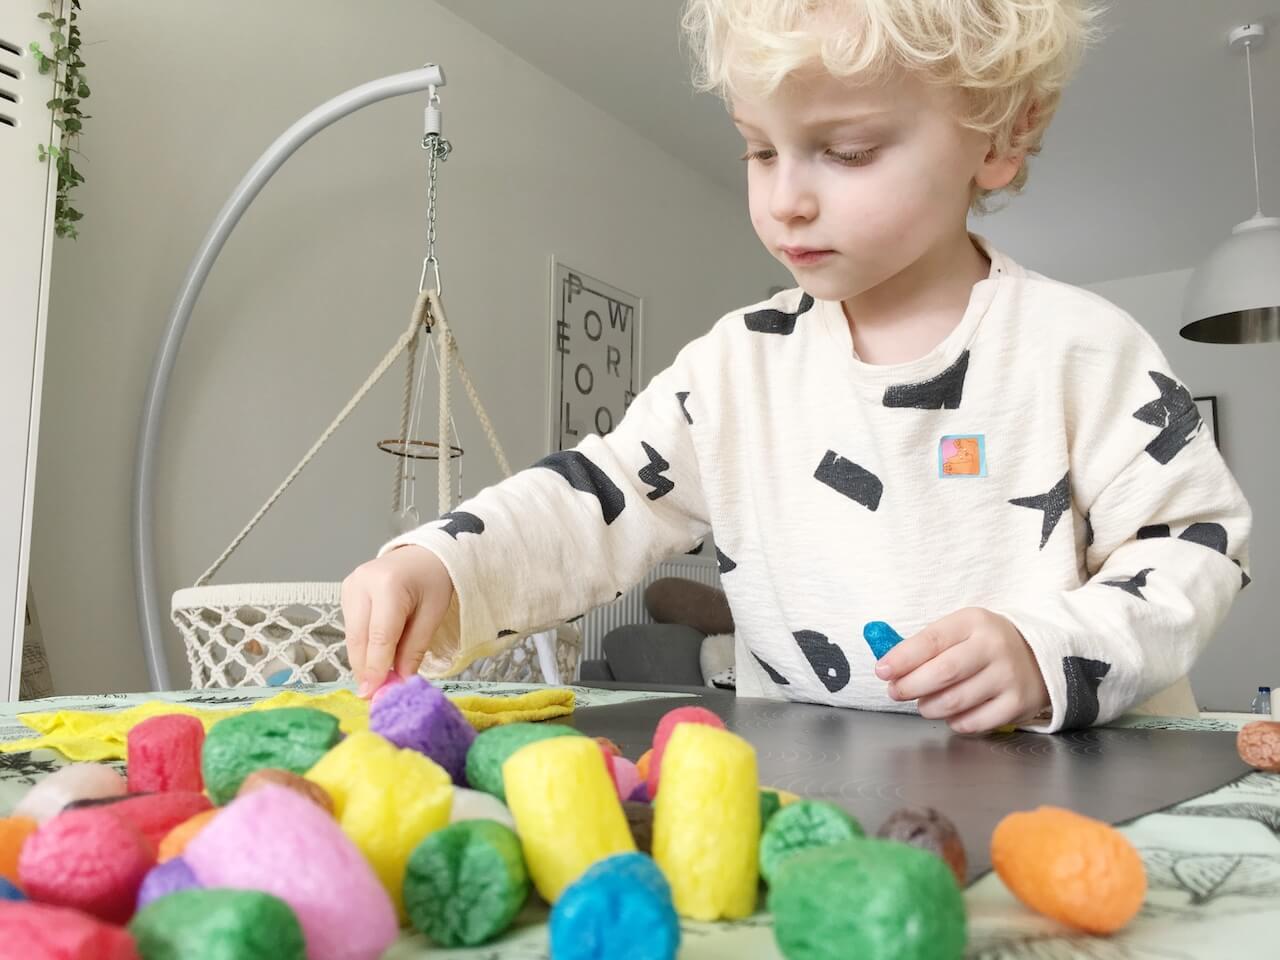 fishertips 1 - Favoriete speelgoed van mijn 3,5 jarige zoon!